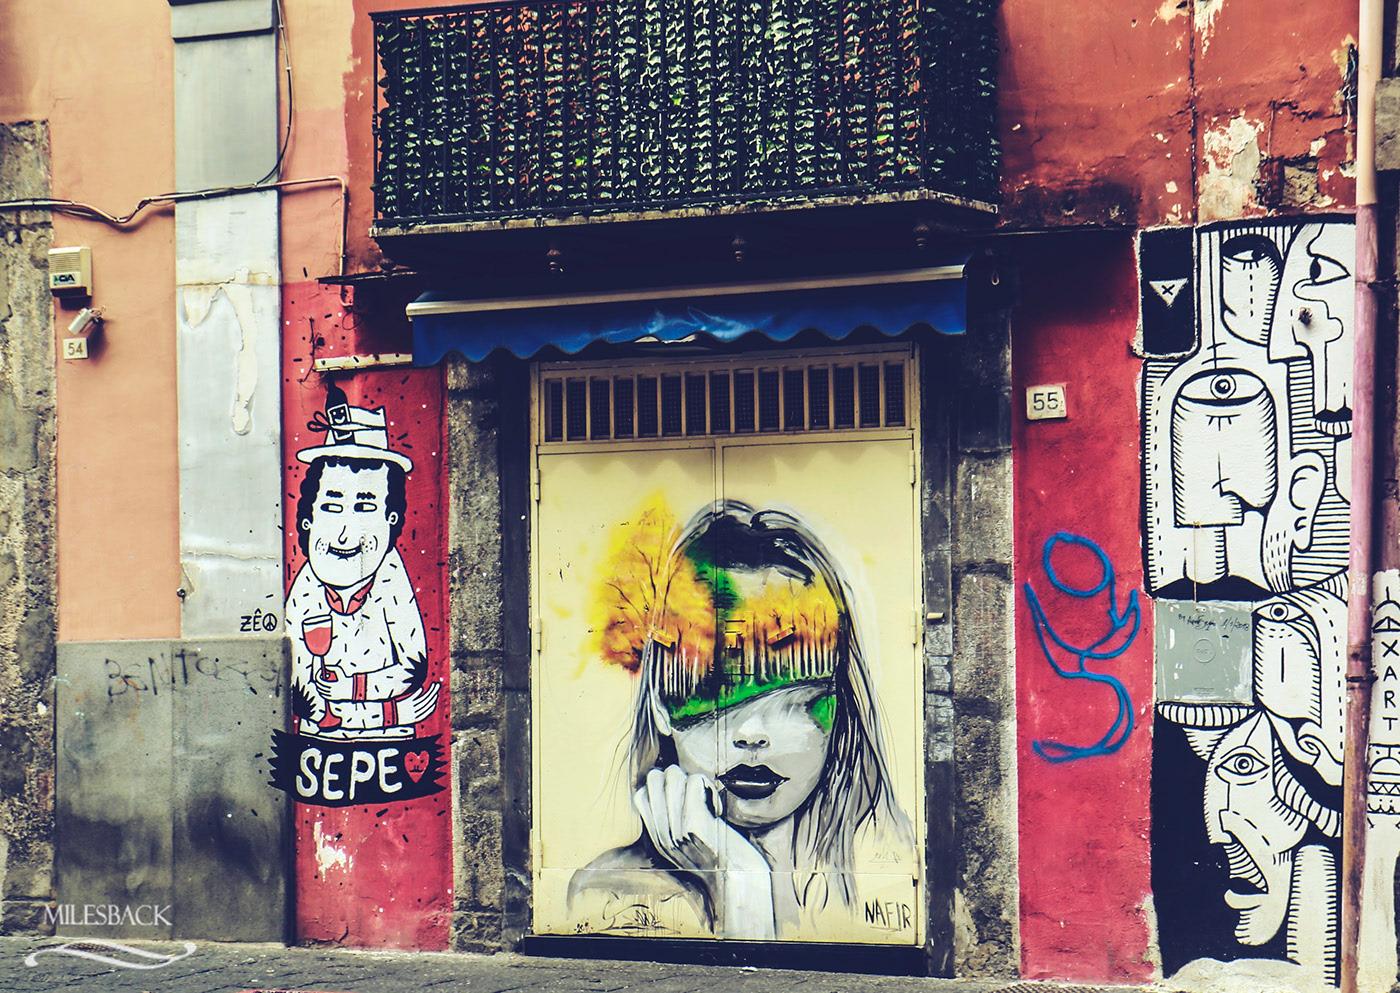 Kampania, co zobaczyć w Kampanii, street art Neapolu, włoski street art, street art we Włoszech, campania artecard, co to jest campania artecard, gdzie kupić campania artecard, transport w Neapolu, metro w Neapolu, komunikacja miejska w Neapolu,